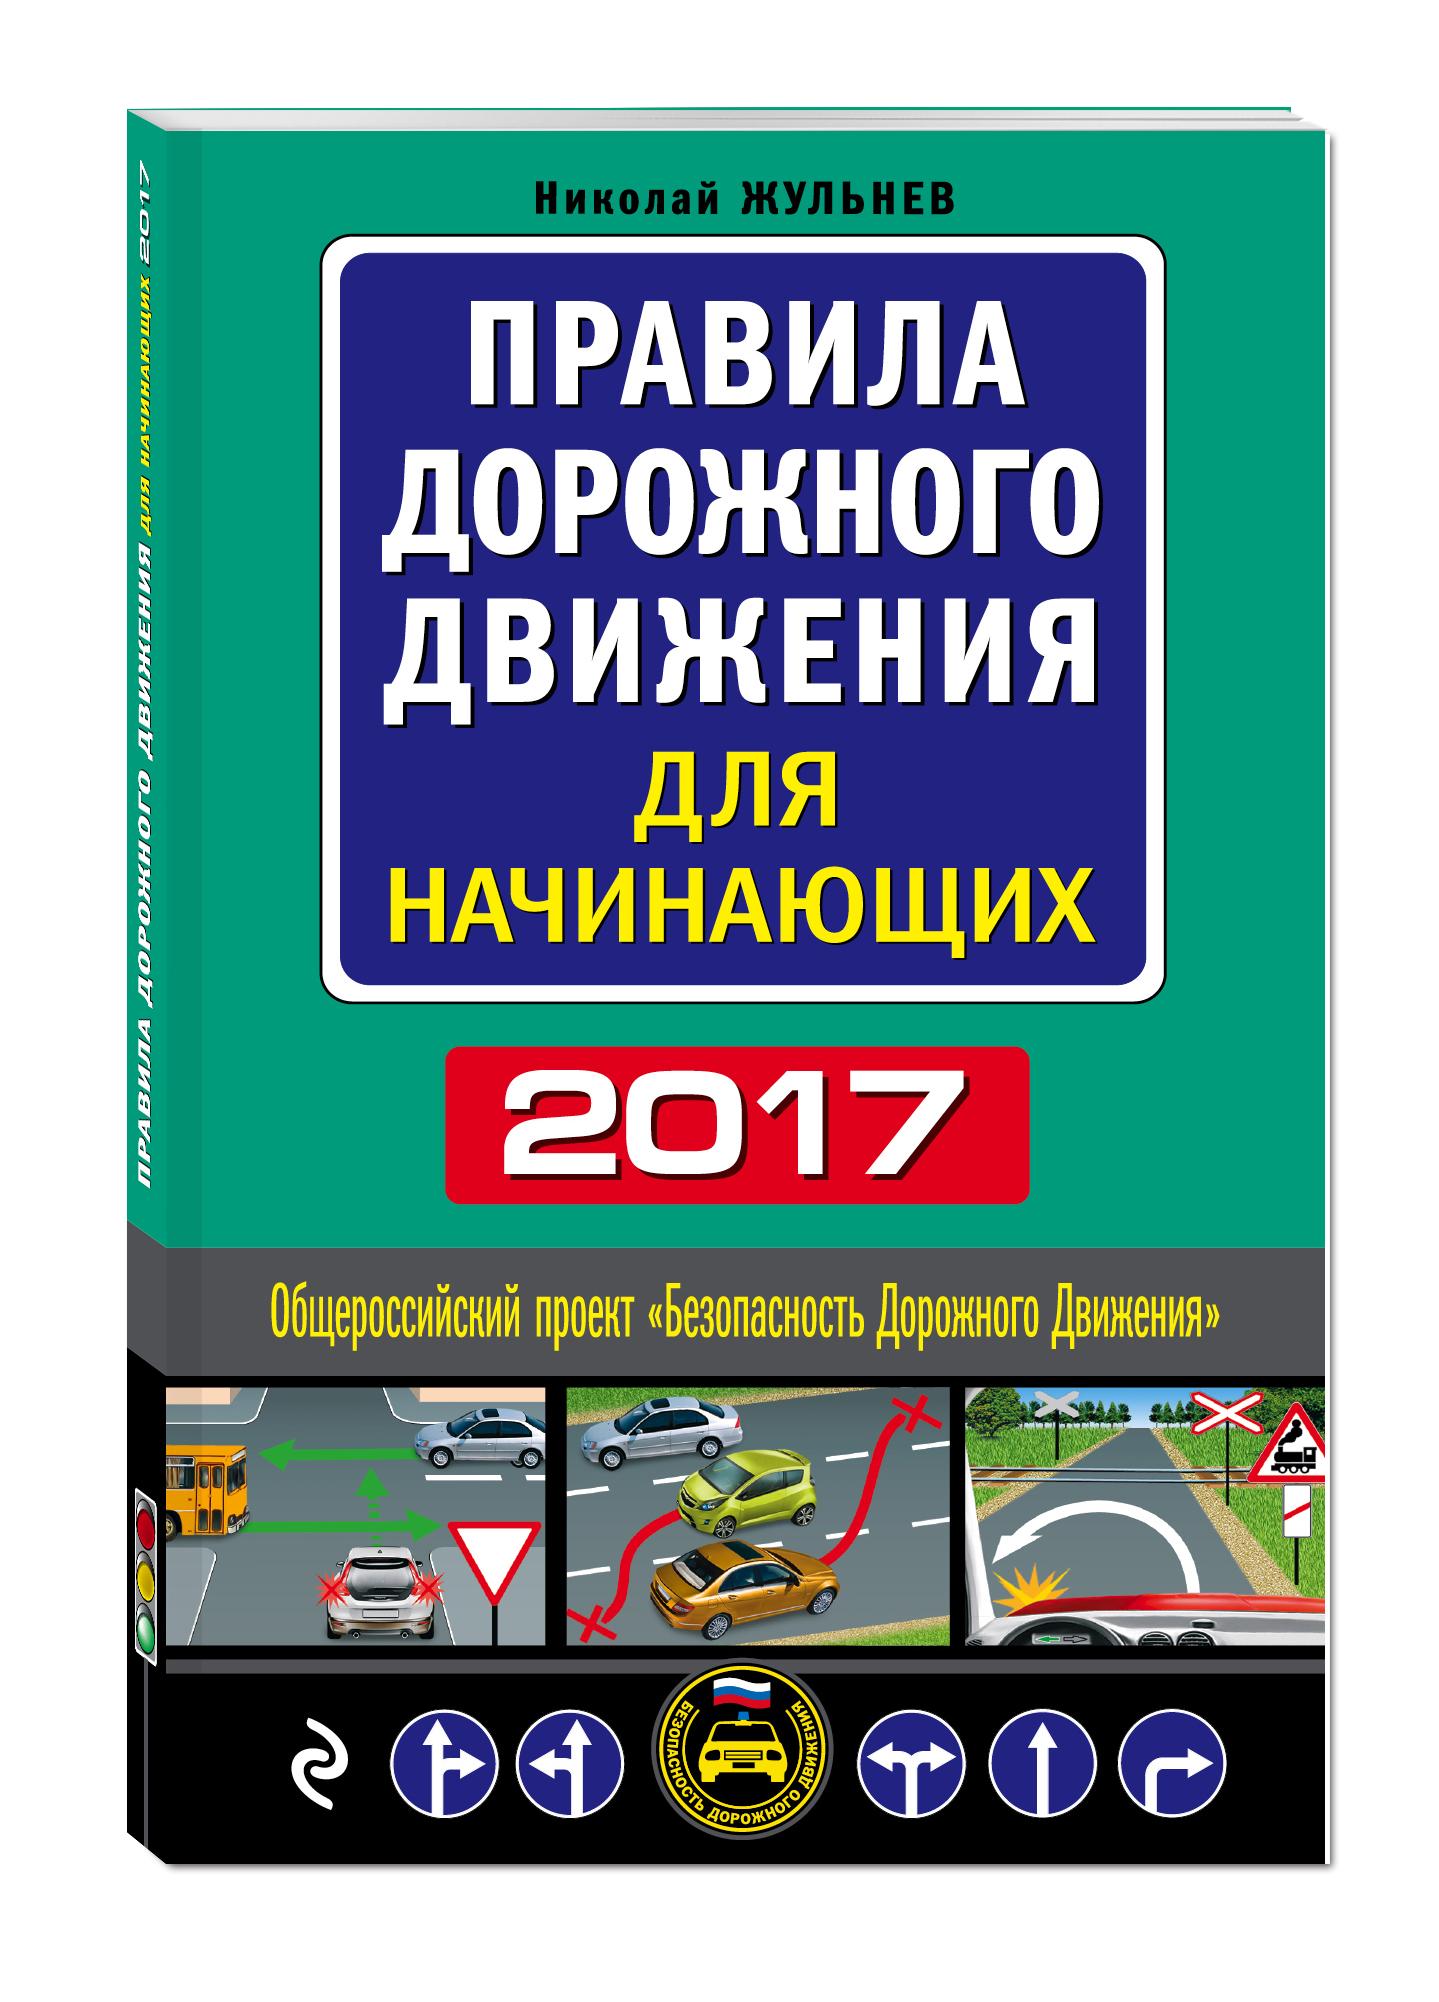 Николай Жульнев Правила дорожного движения для начинающих 2017